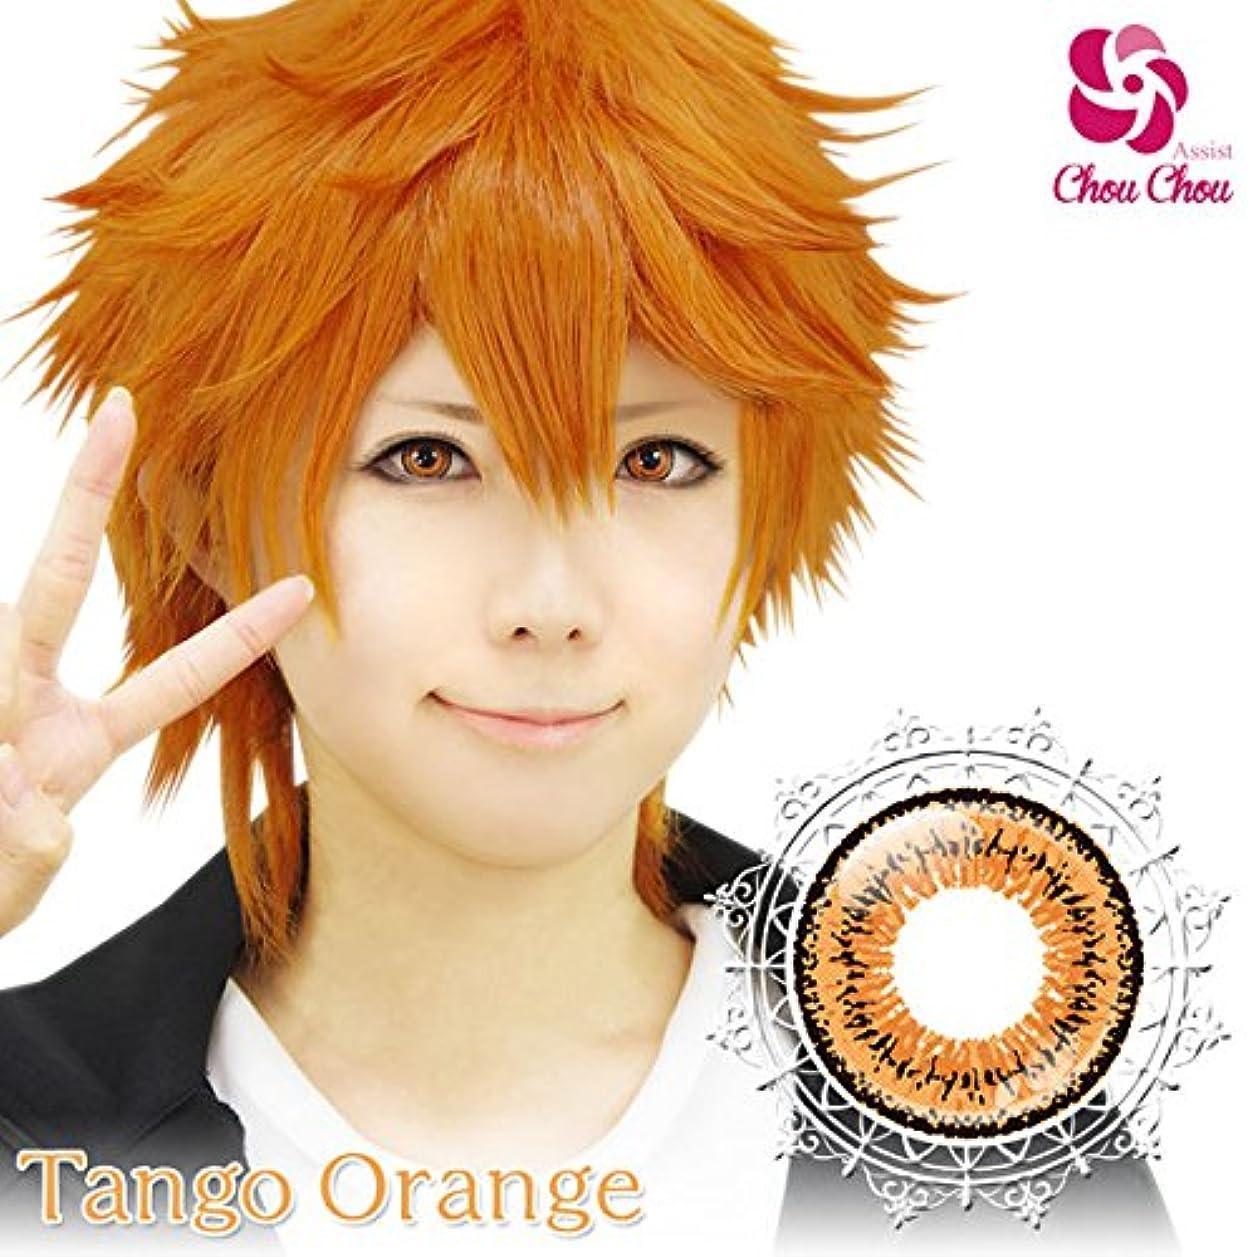 ずっと類推番号カラコン ツインループワンデー 【タンゴオレンジ】 コスプレ イベント (-2.5)